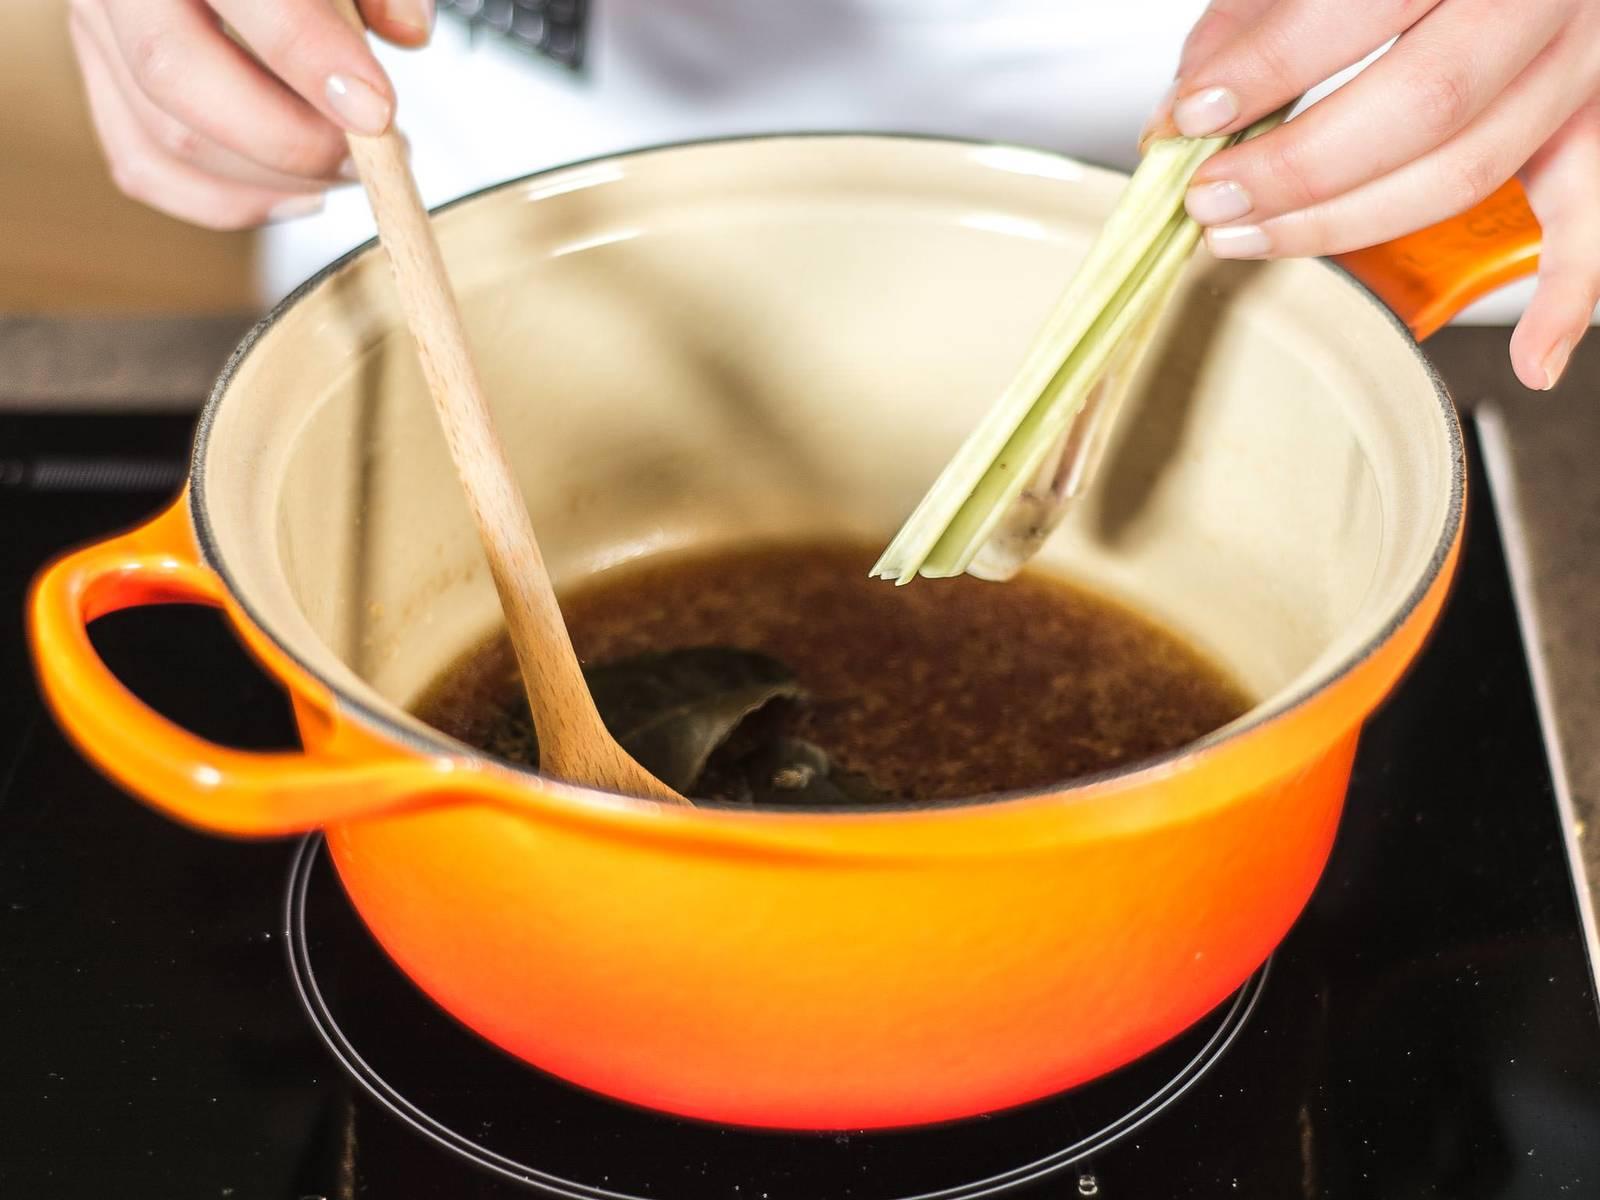 Erdnussöl erhitzen und Knoblauch sowie Ingwer darin anrösten. Sojasoße und Austernsoße hinzugeben und mit Geflügelfond auffüllen. Dann Zitronengras und Kaffir-Zitronenblätter hinzugeben und alles aufkochen lassen.